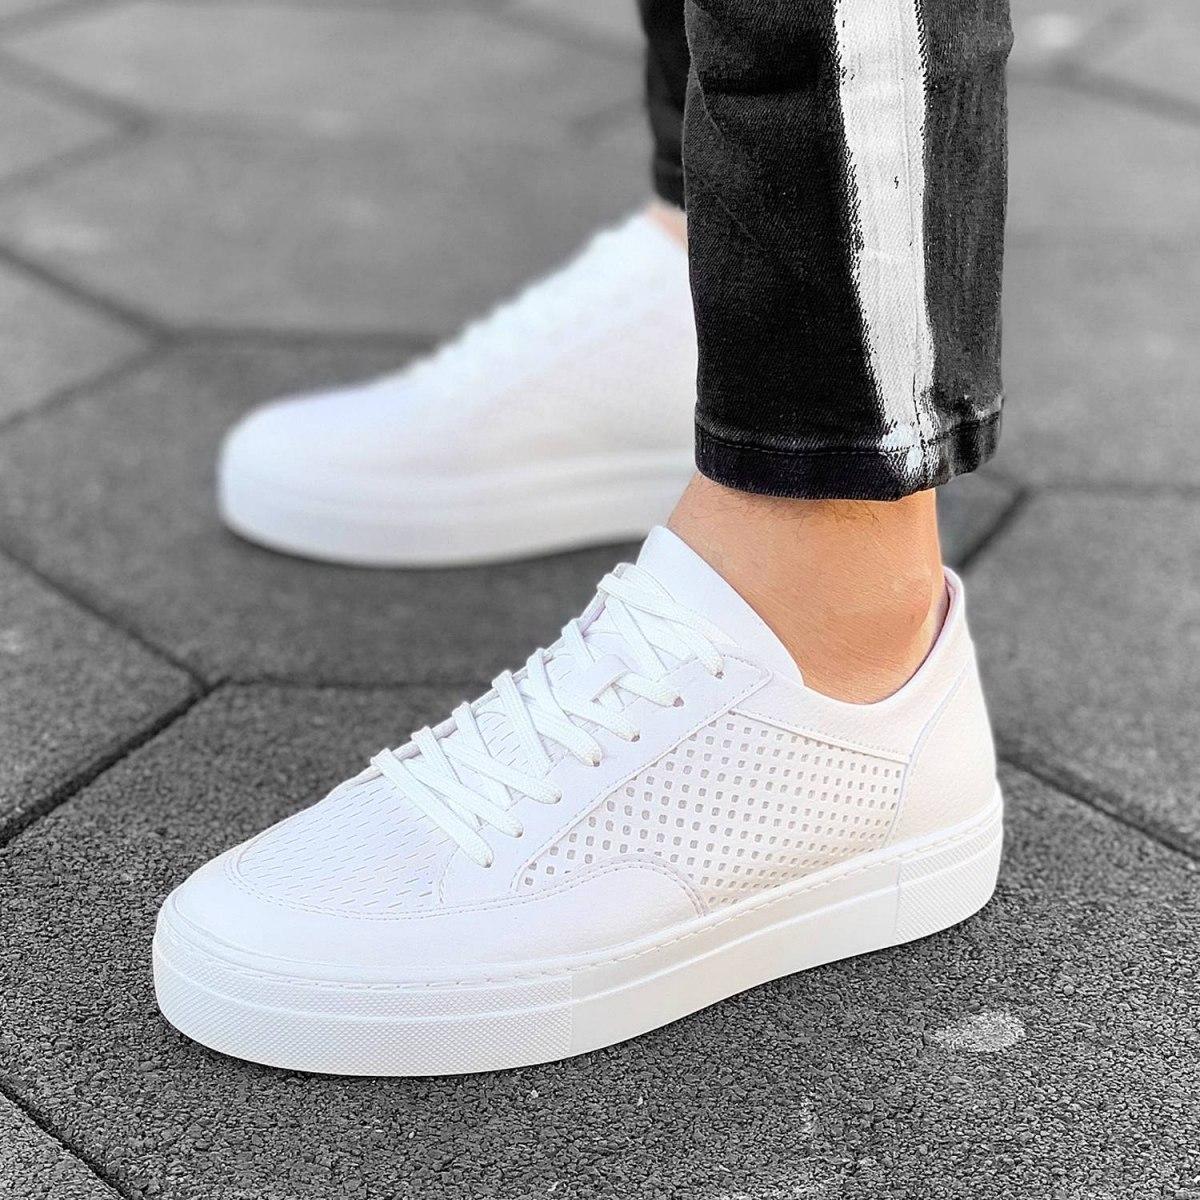 Herren Plexus Sneakers In Weiß Mv Premium Brand - 2